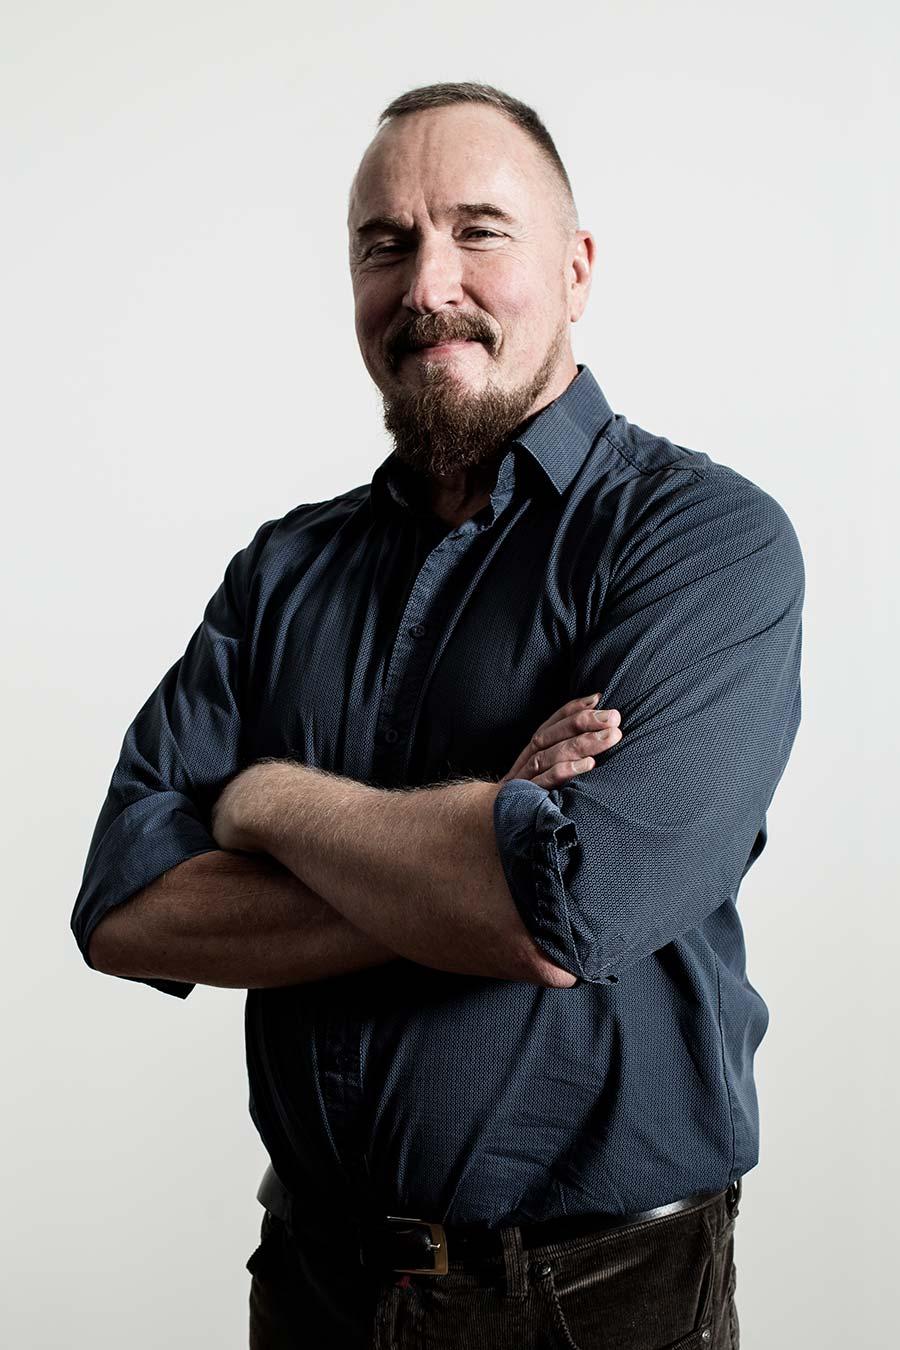 Janne Häivälä